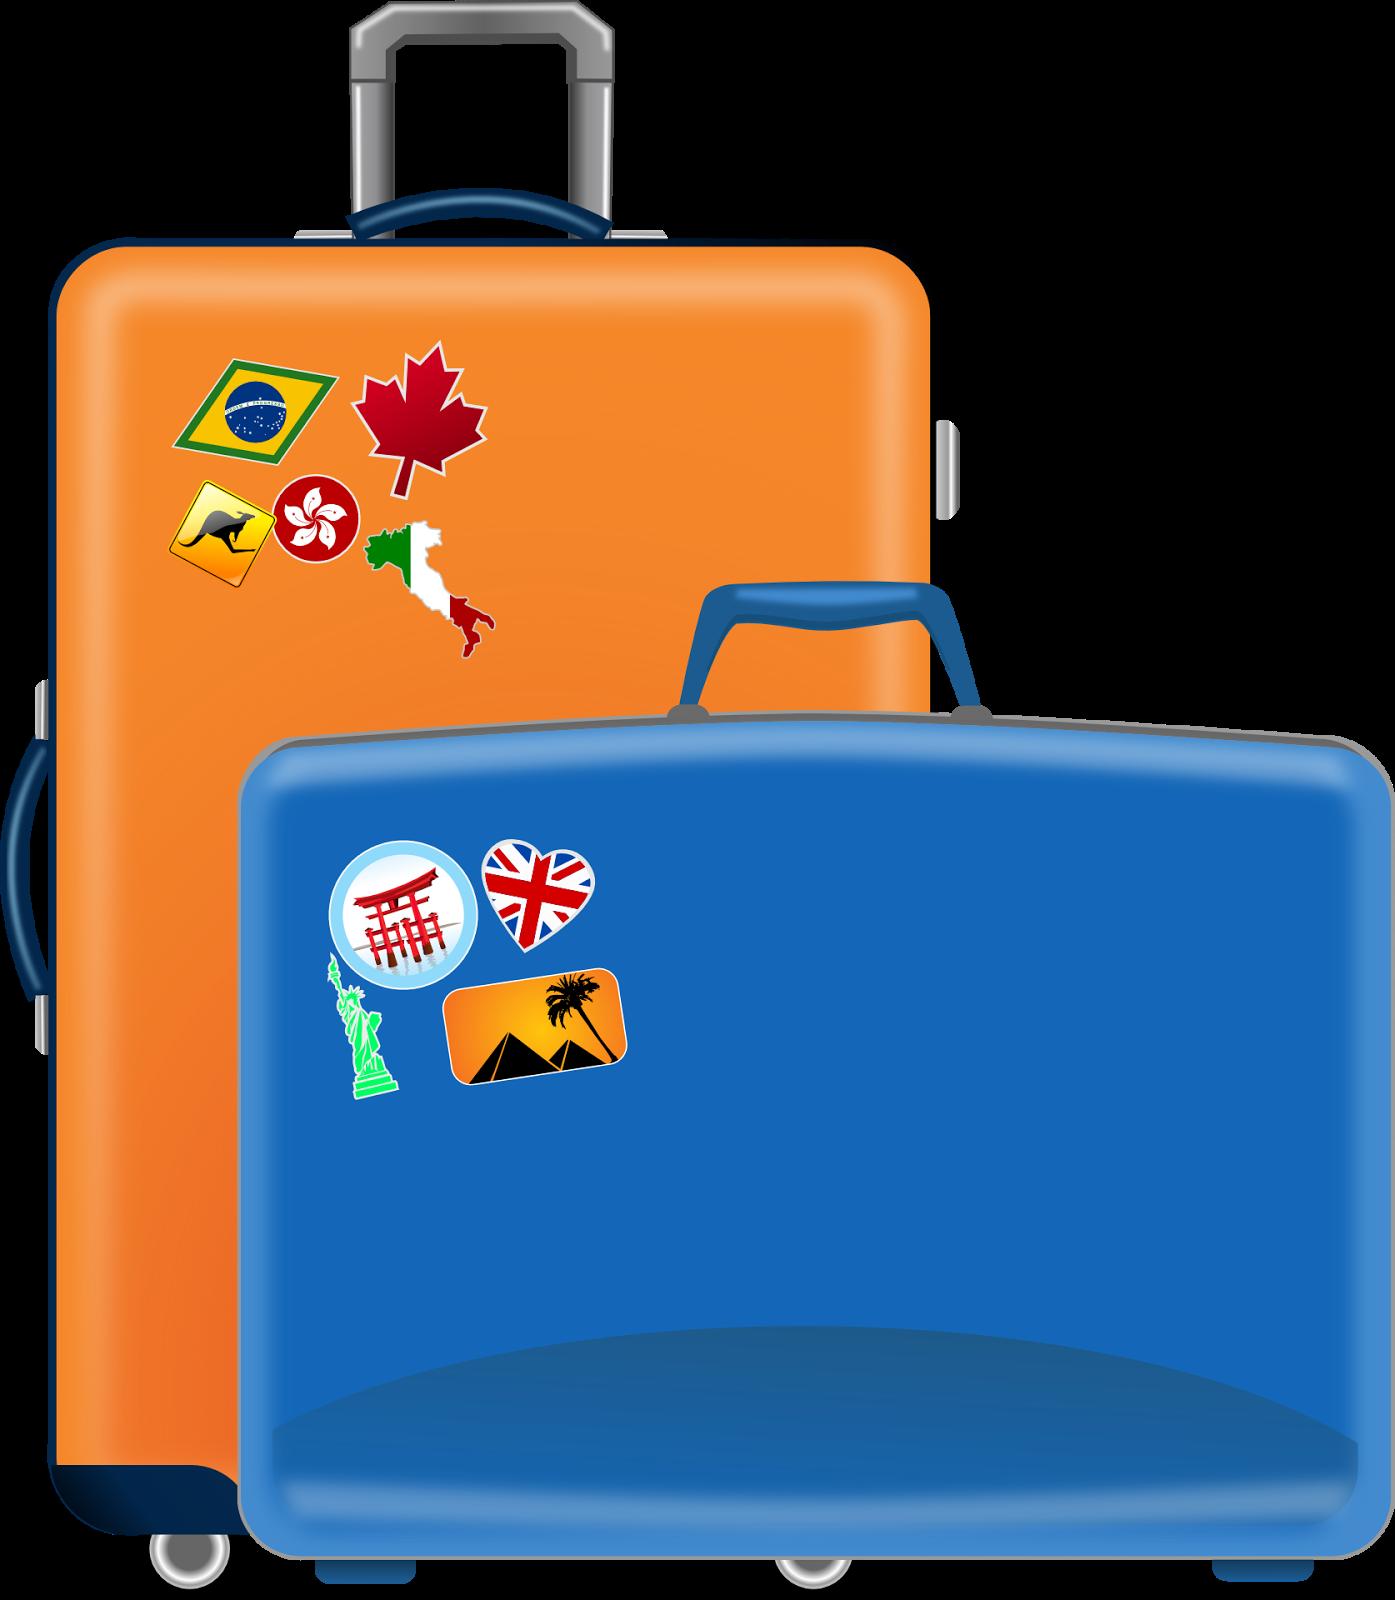 Luggage clipart scrapbook. El tr fico de